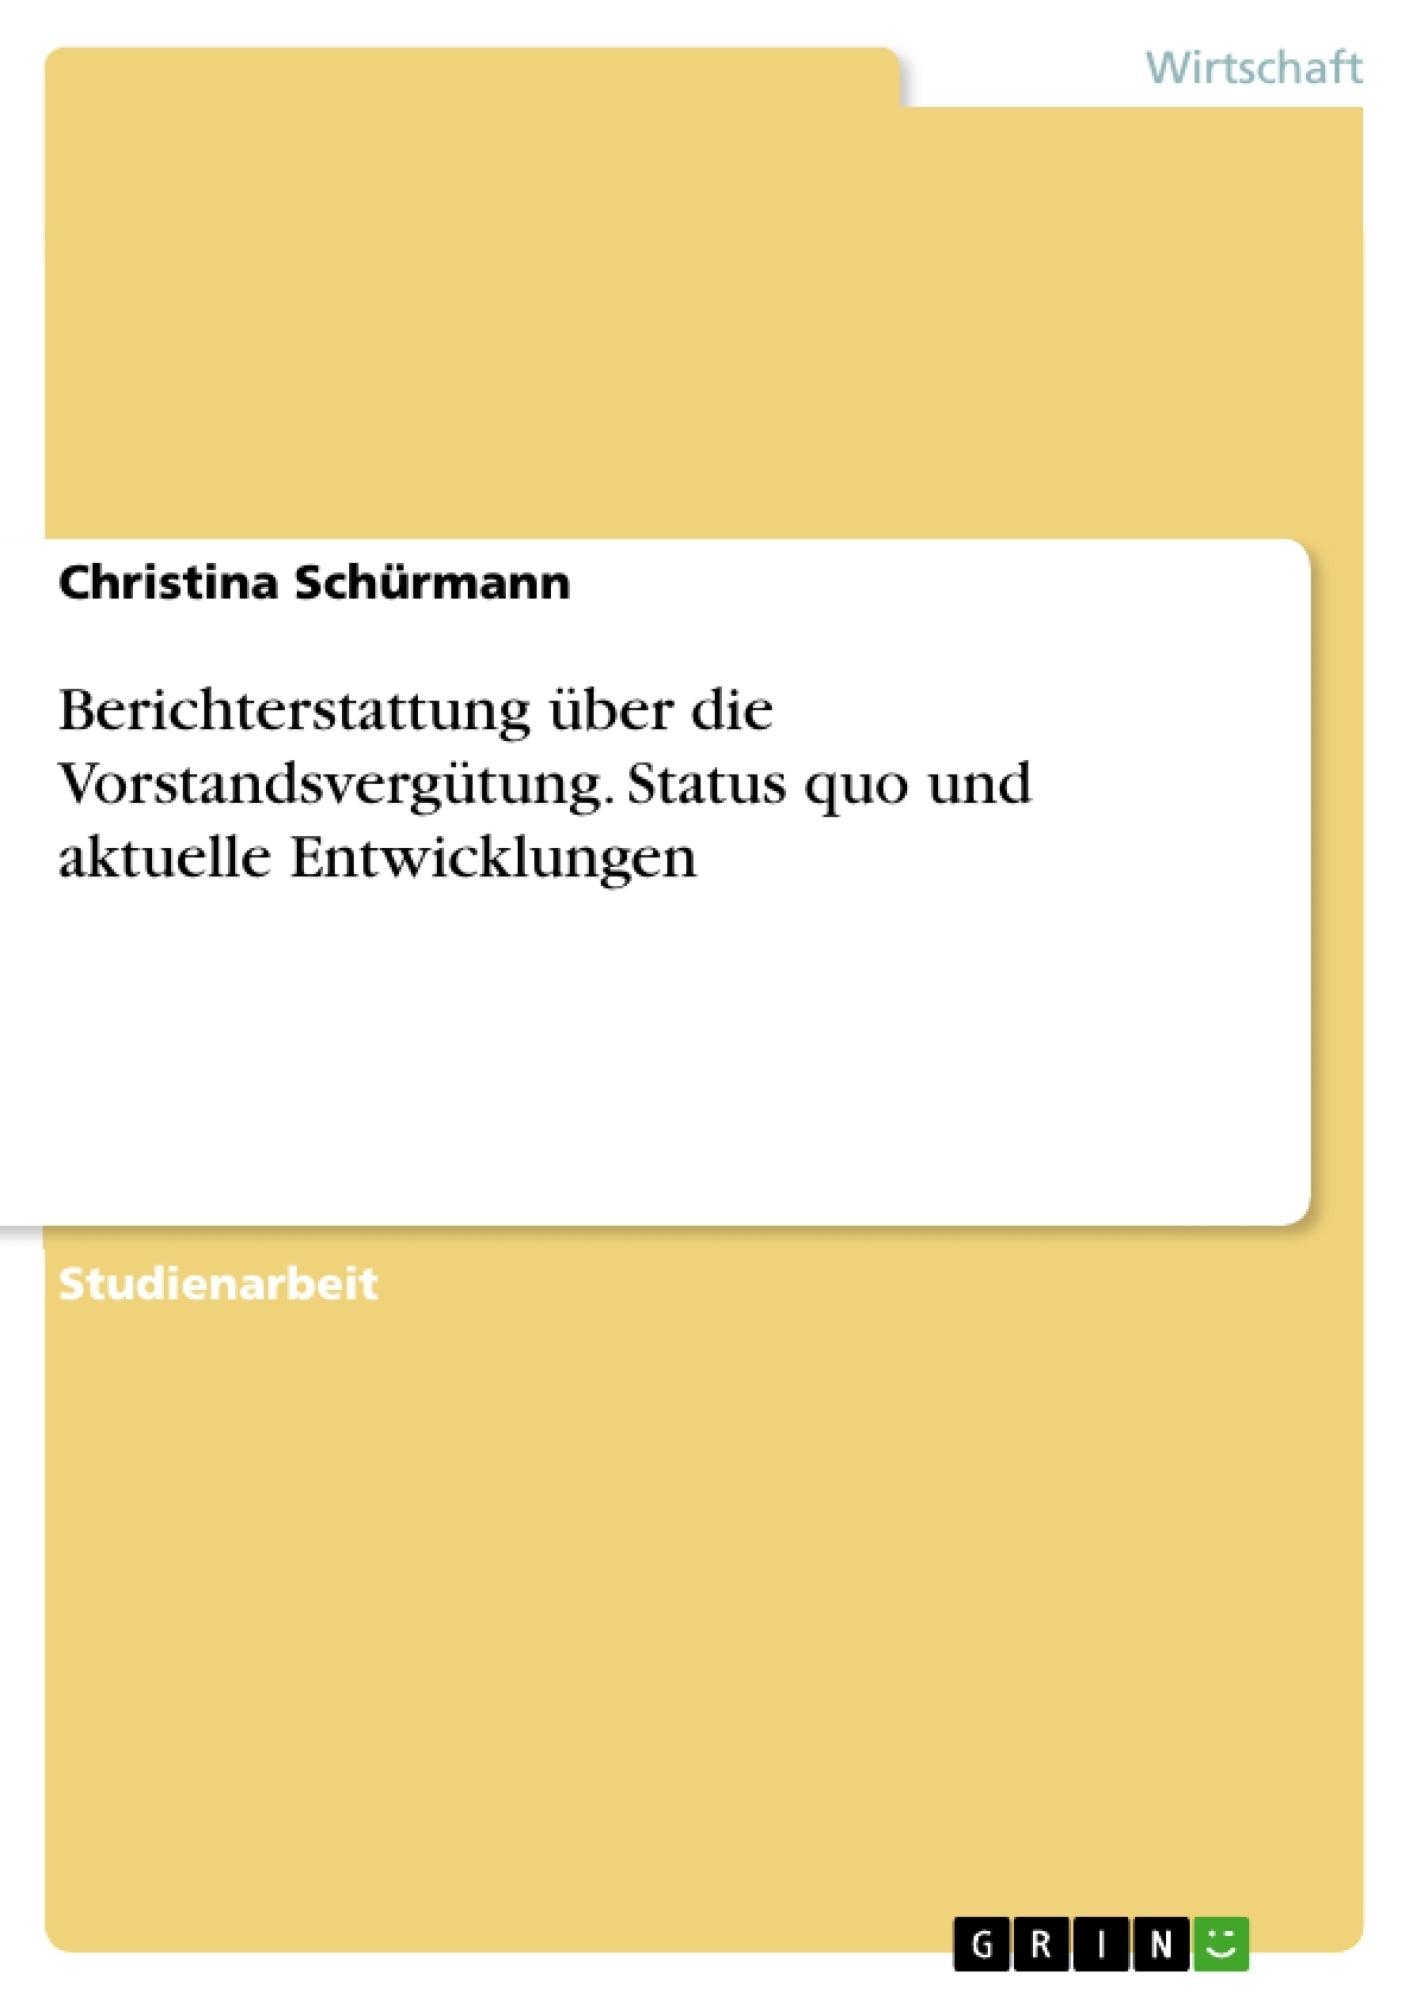 Titel: Berichterstattung über die Vorstandsvergütung. Status quo und aktuelle Entwicklungen